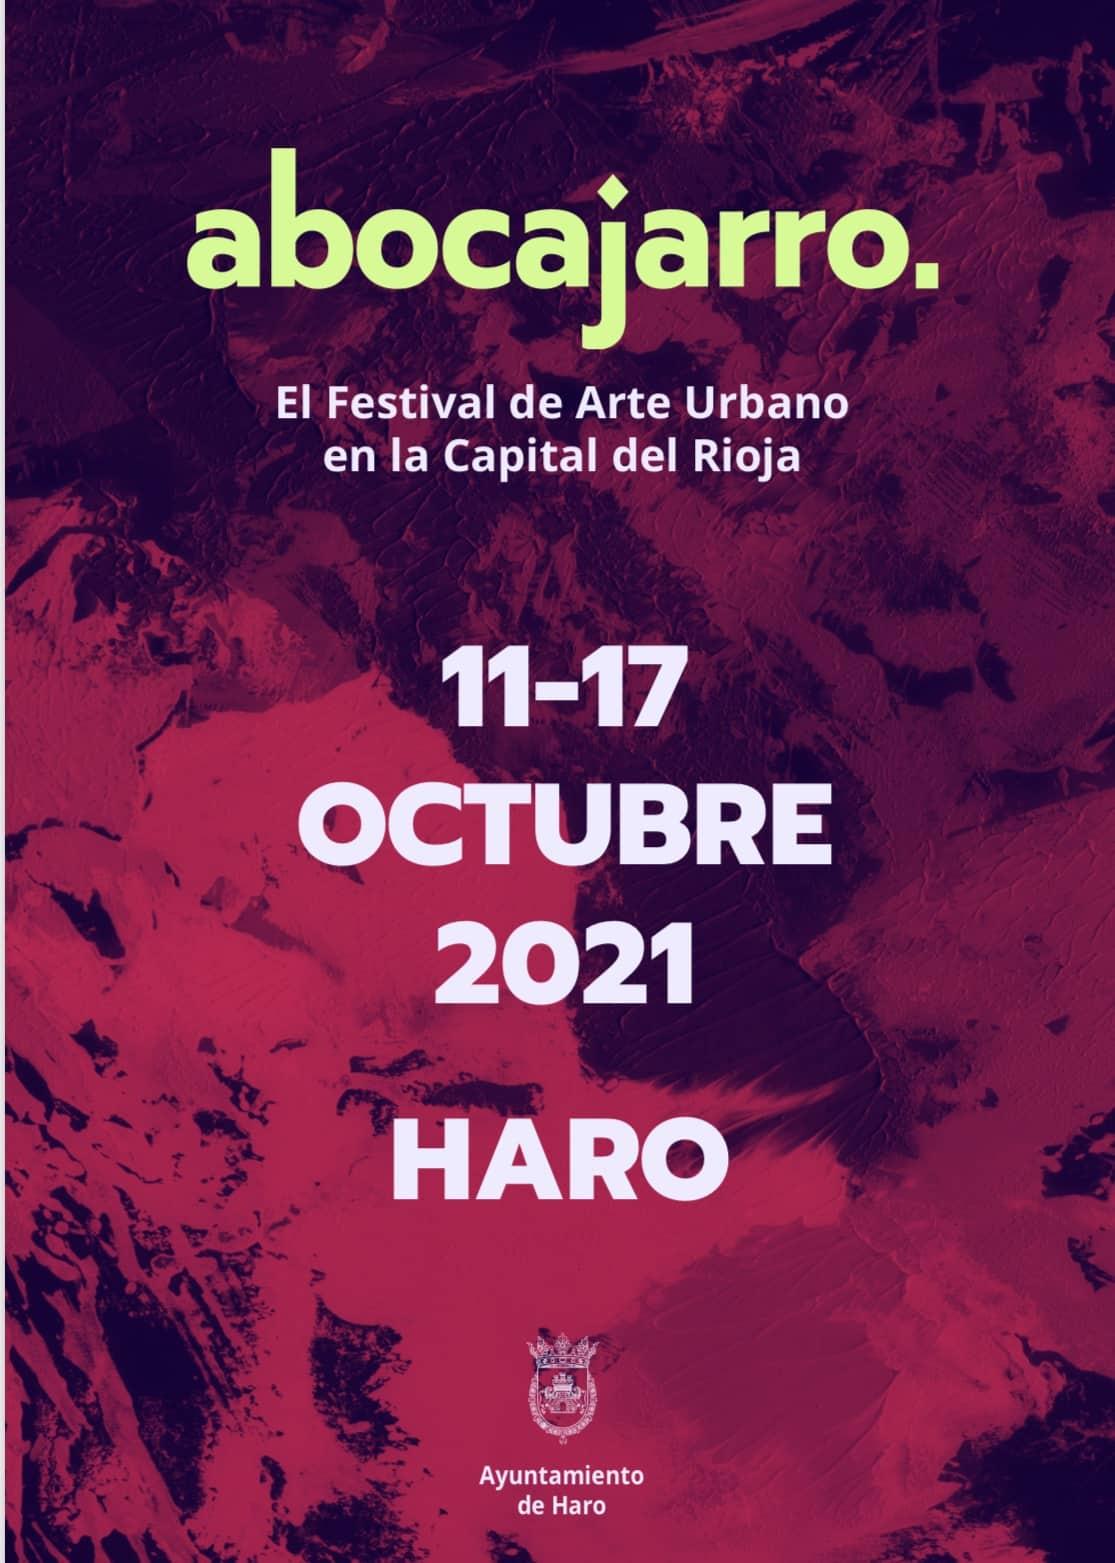 Haro selecciona las propuestas de cinco artistas para el Festival 'Abocajarro' 1